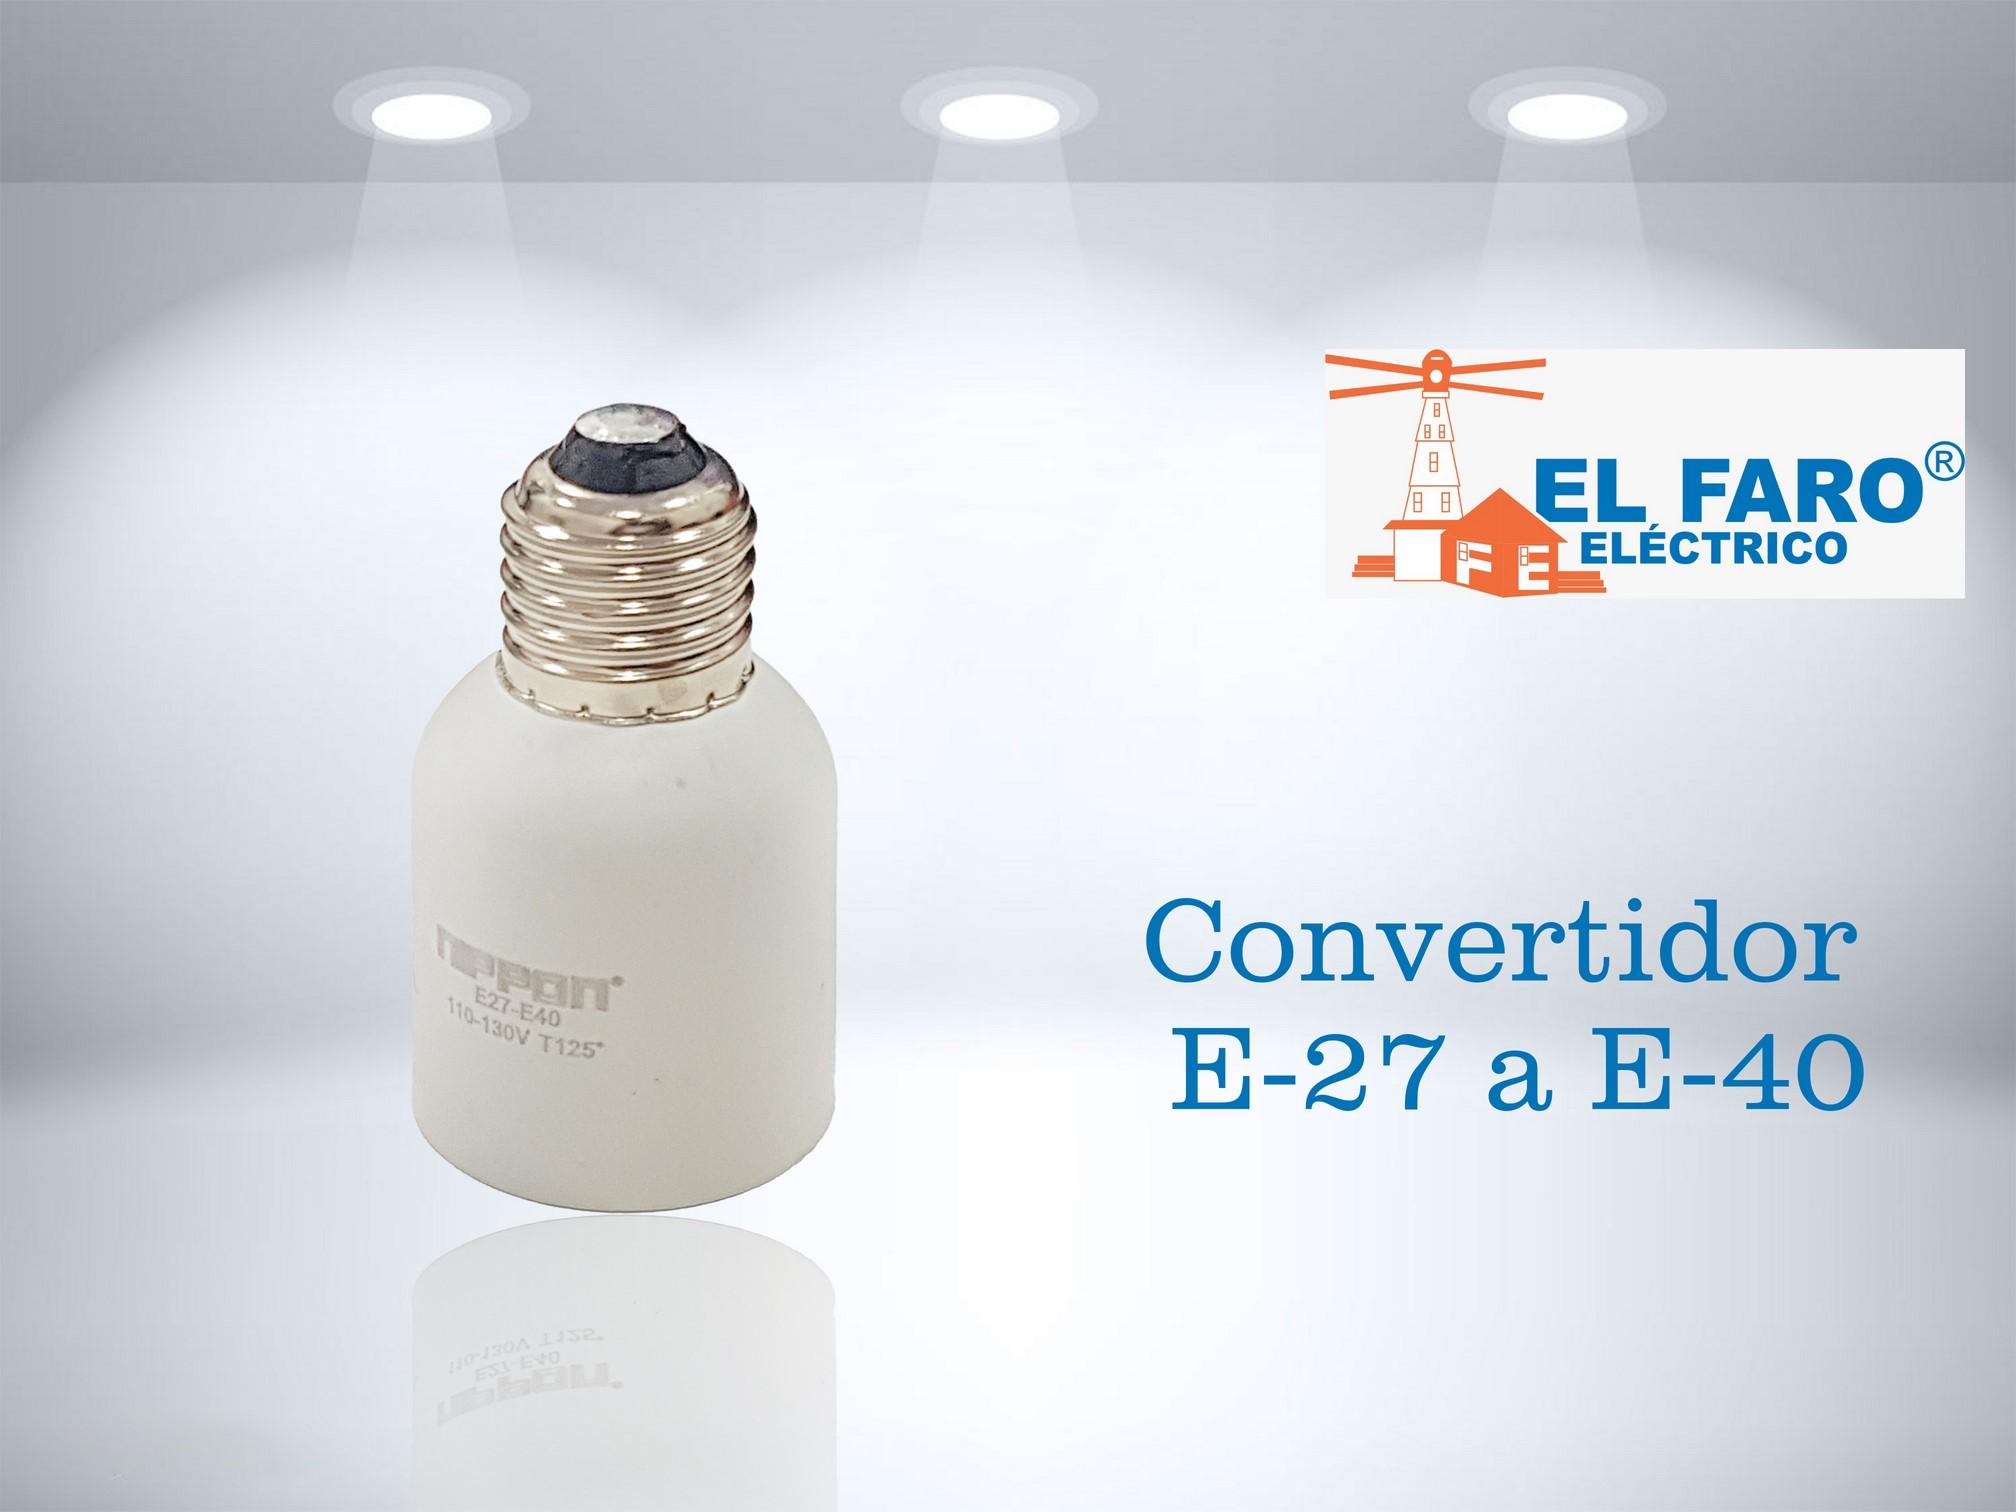 Convertidor e-27 a e-40